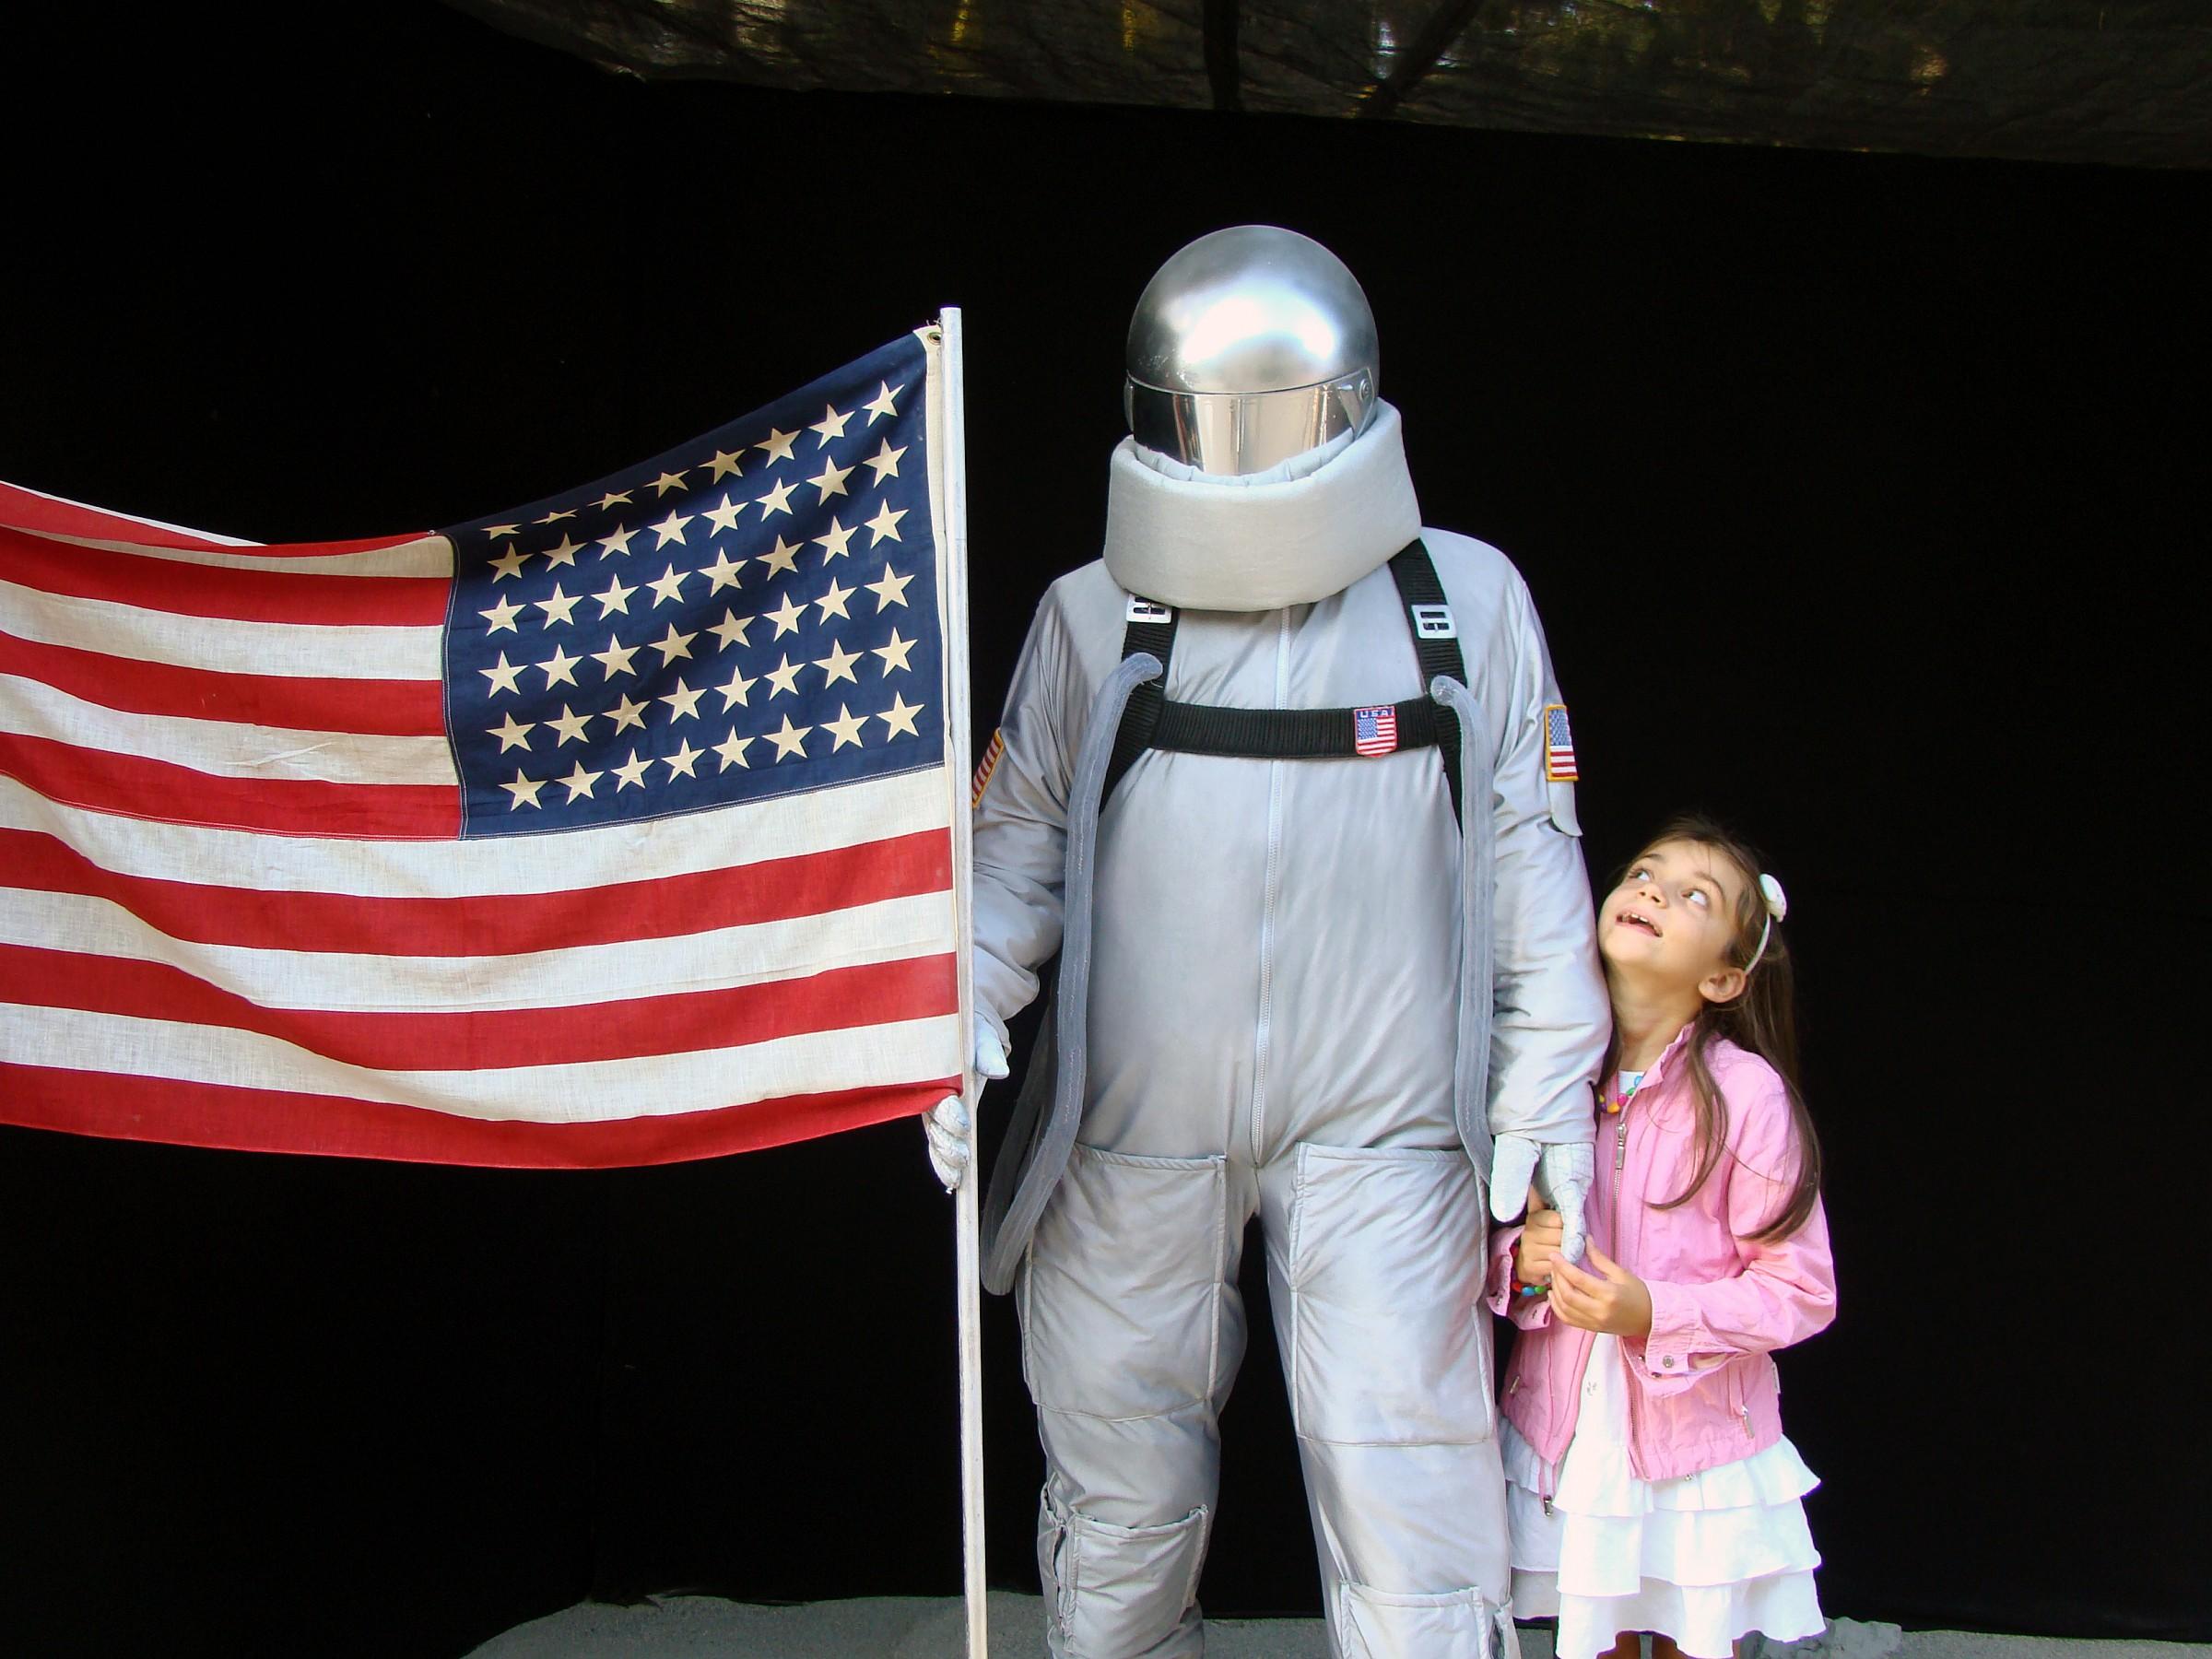 My friend astronaut...